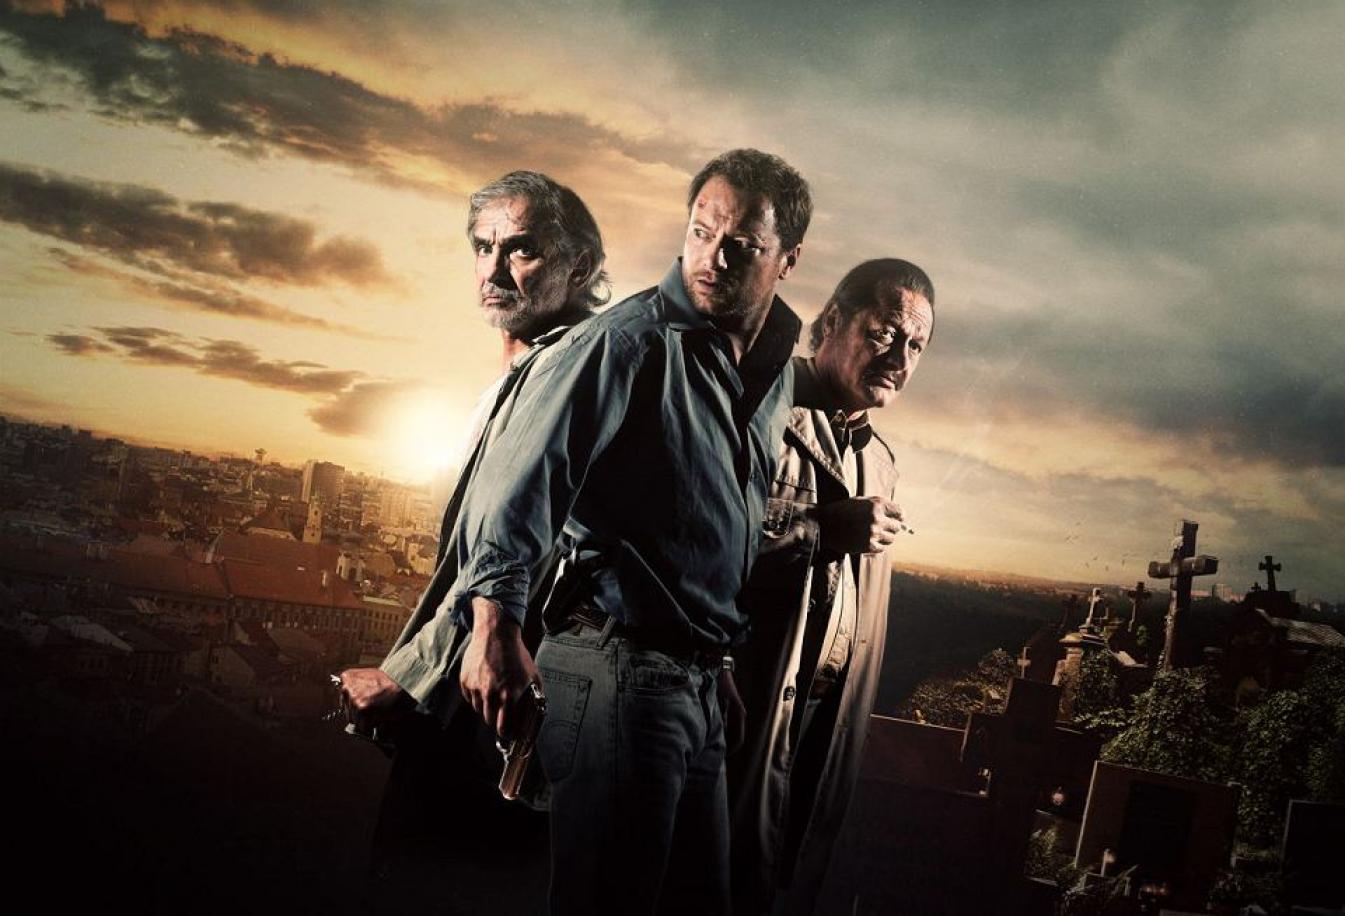 Trzech mężczyzn stoi obok siebie. Mężczyzna w środku trzyma pistolet. W tle cmentarz.